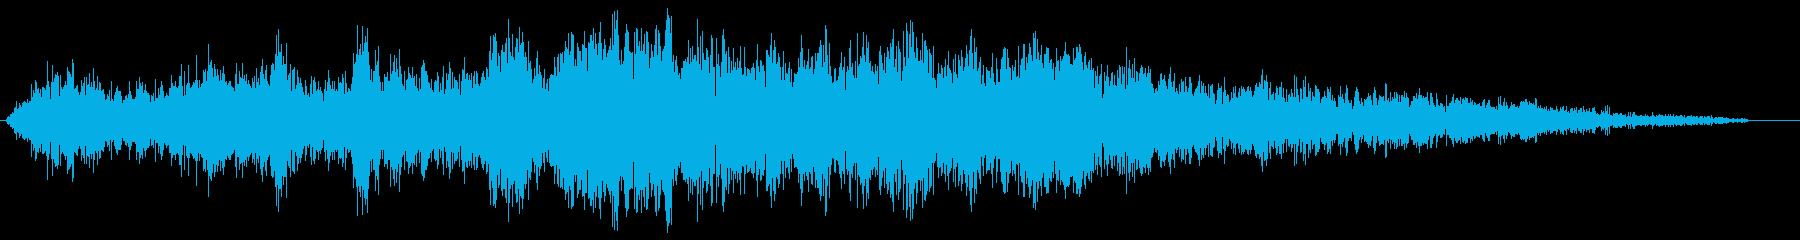 ゴーッ(ジェット機が通過していく効果音)の再生済みの波形